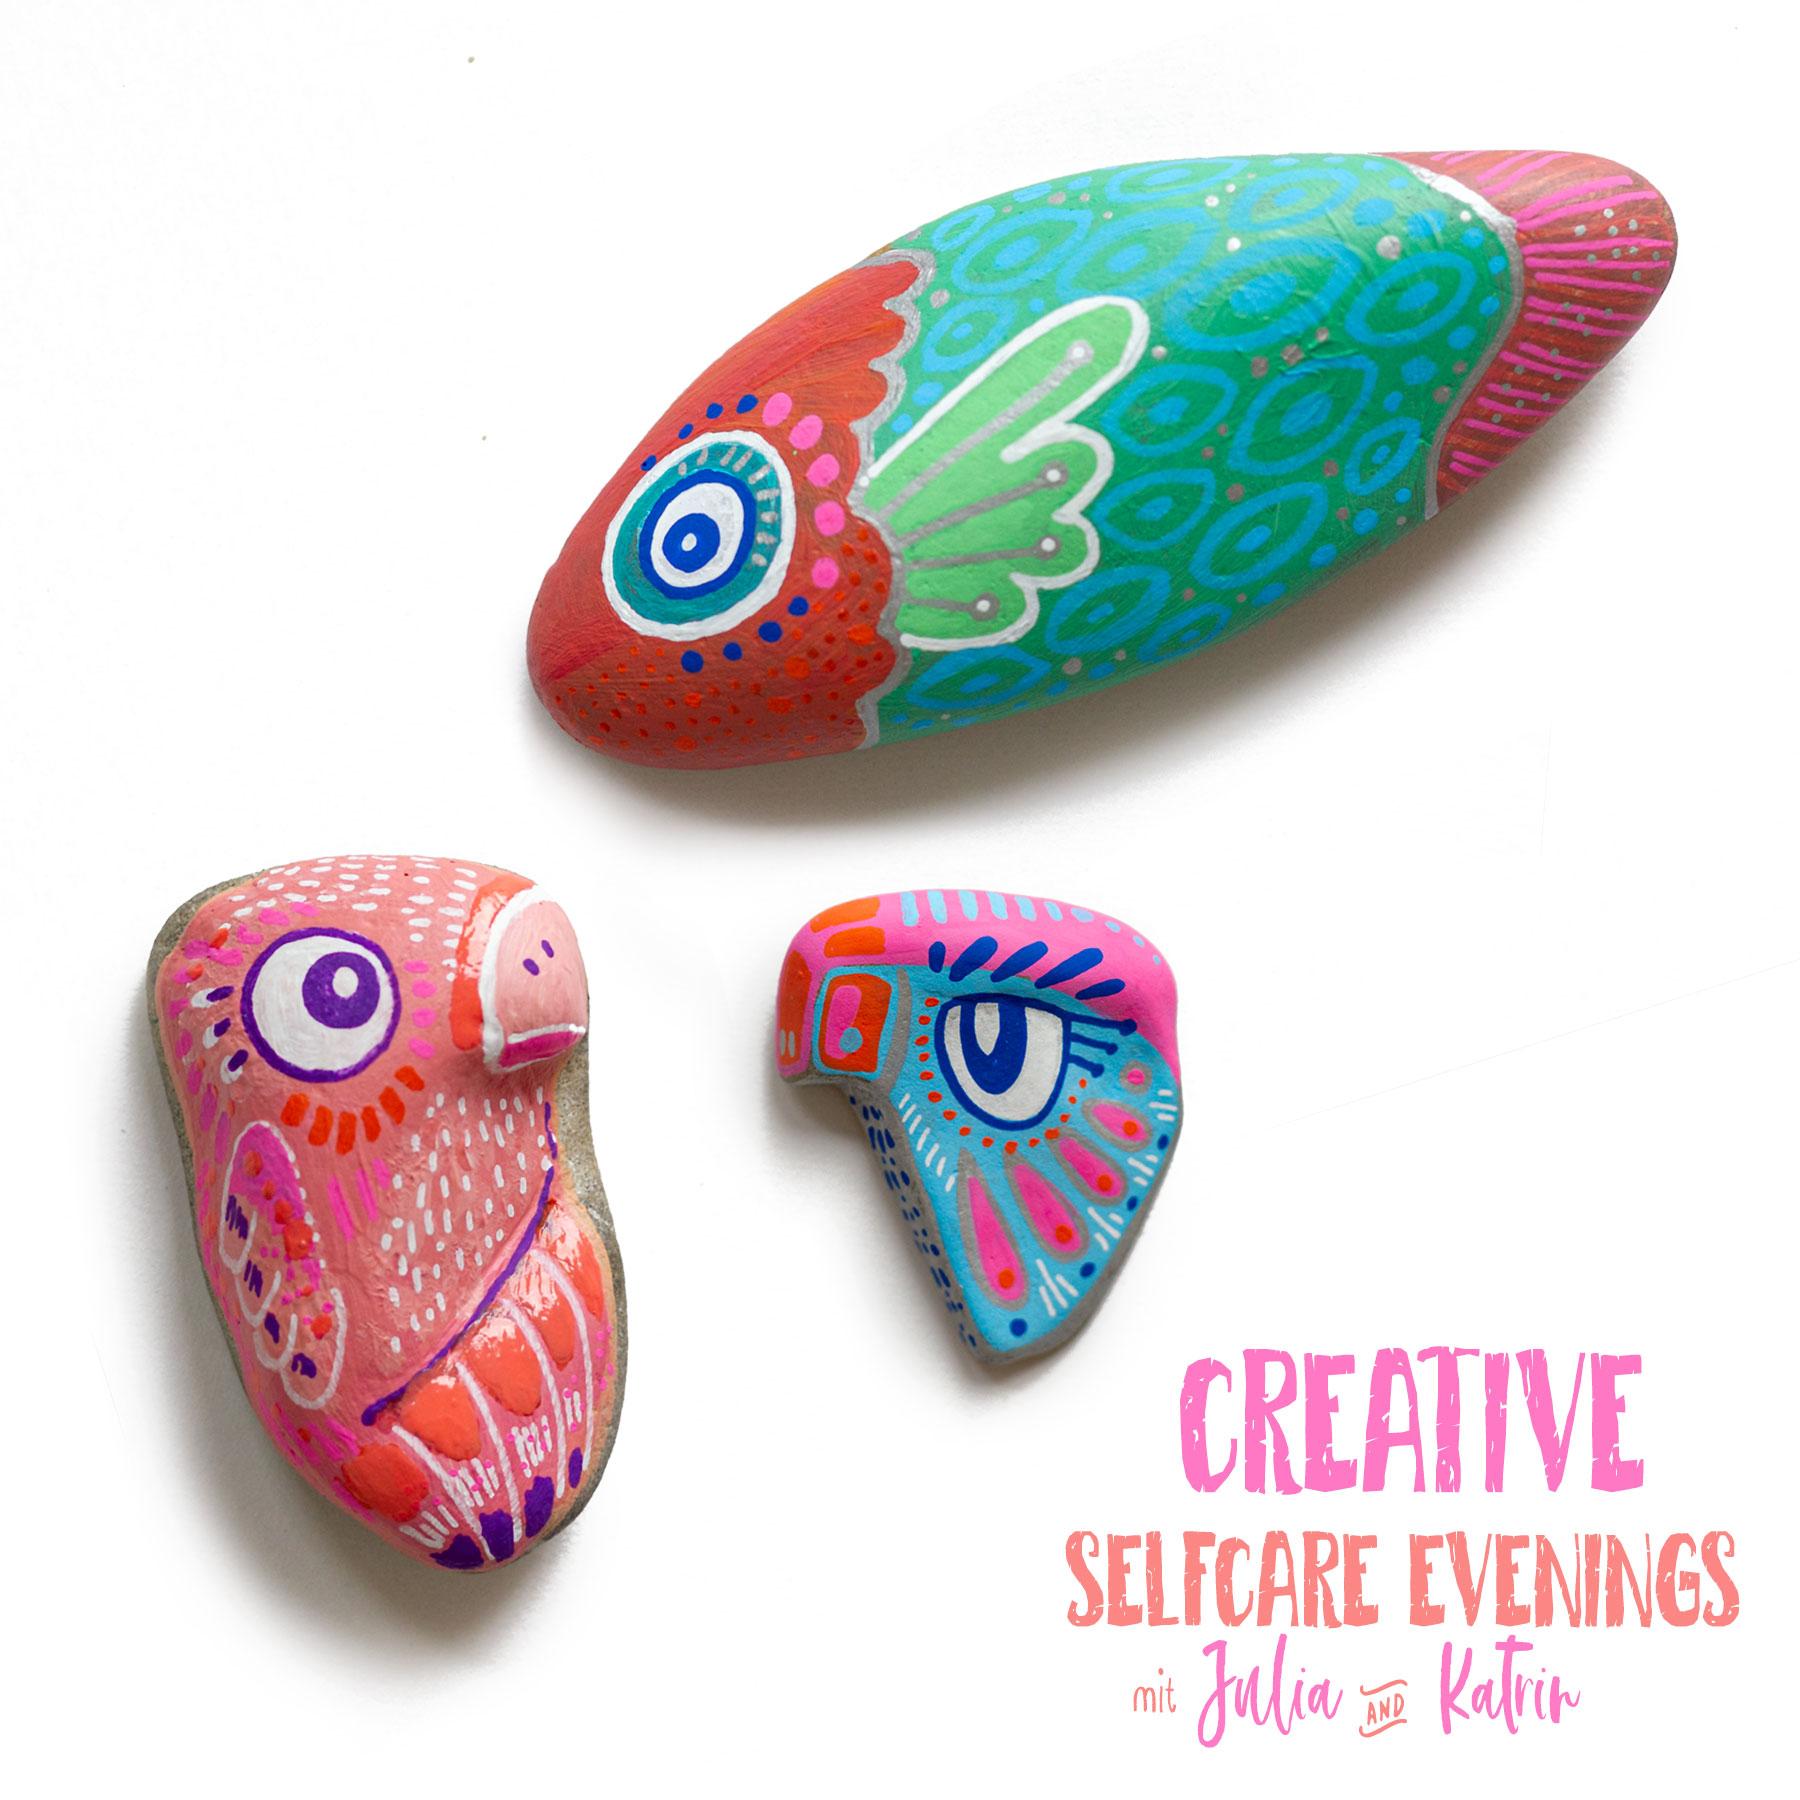 Steine bemalen für kreative Entspannung - Katrin Meiller